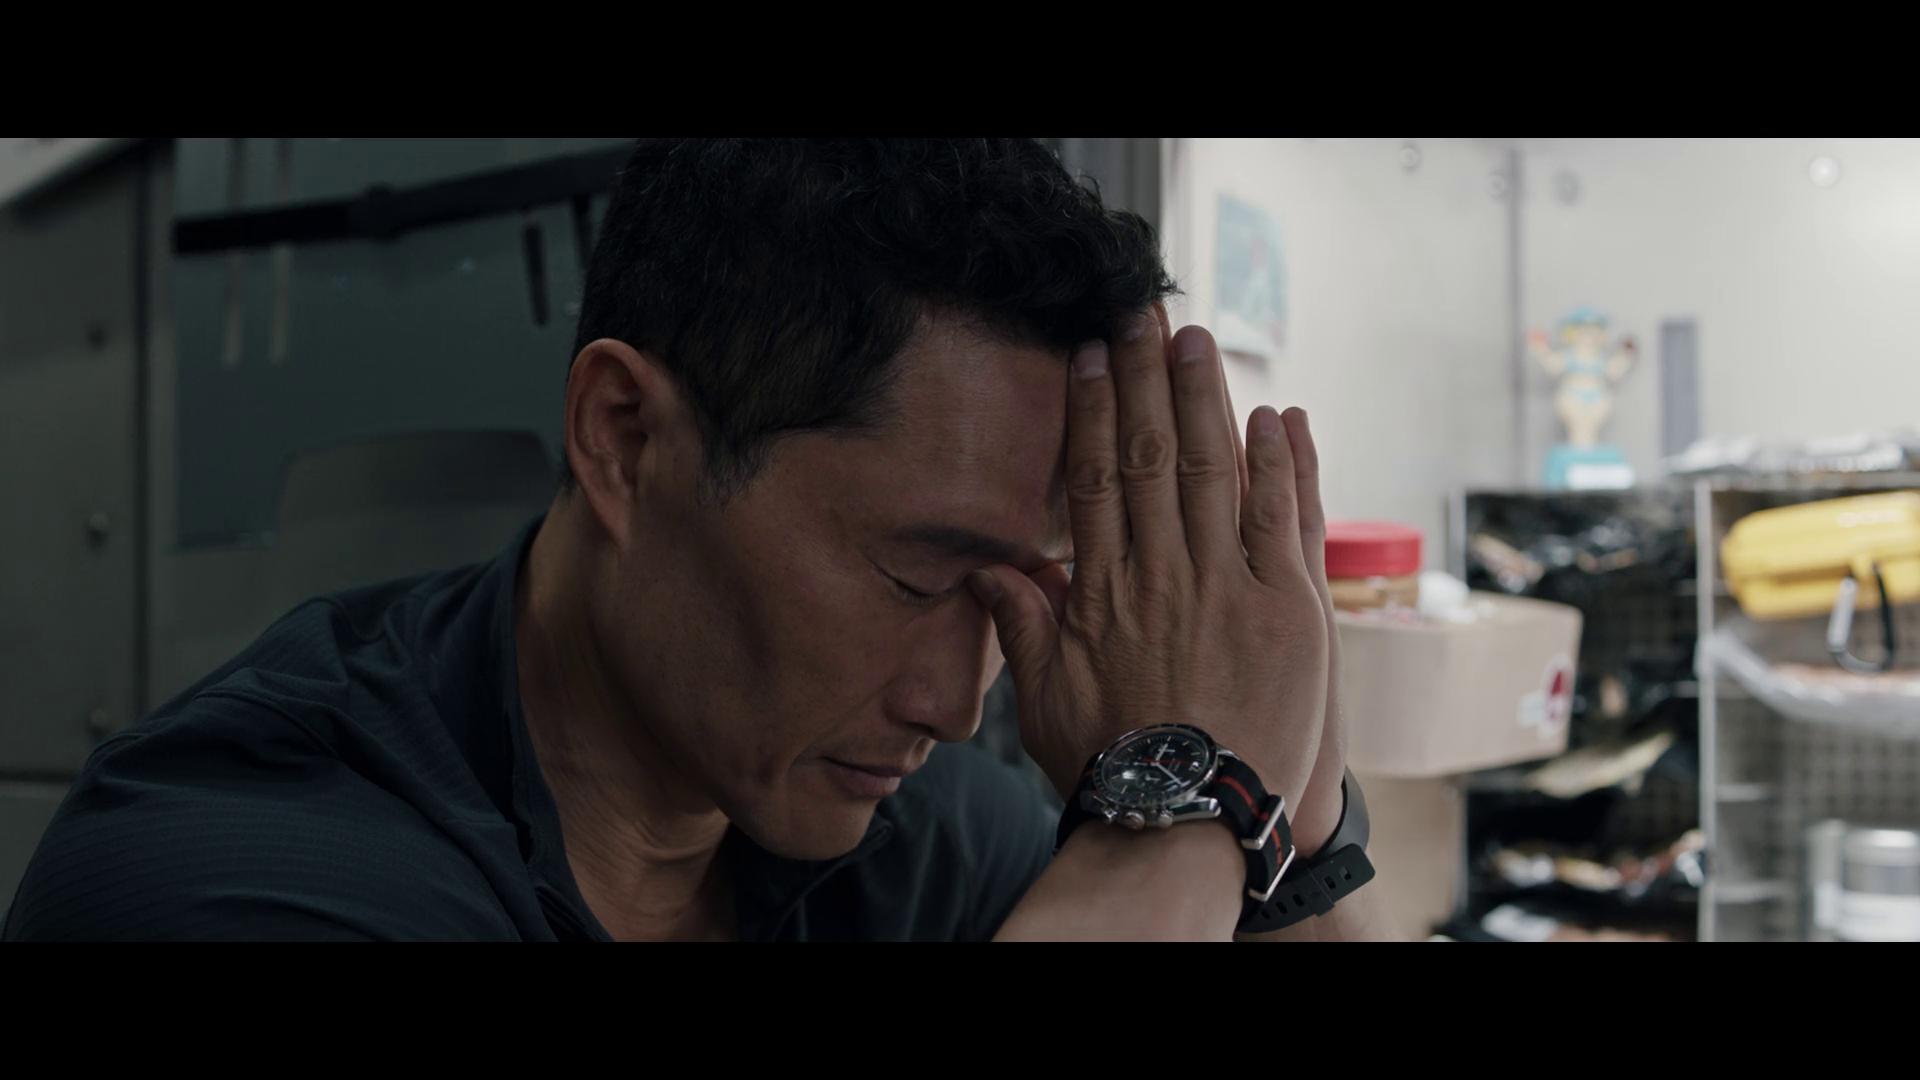 Pasajero inesperado (2021) 1080p WEB-DL Latino